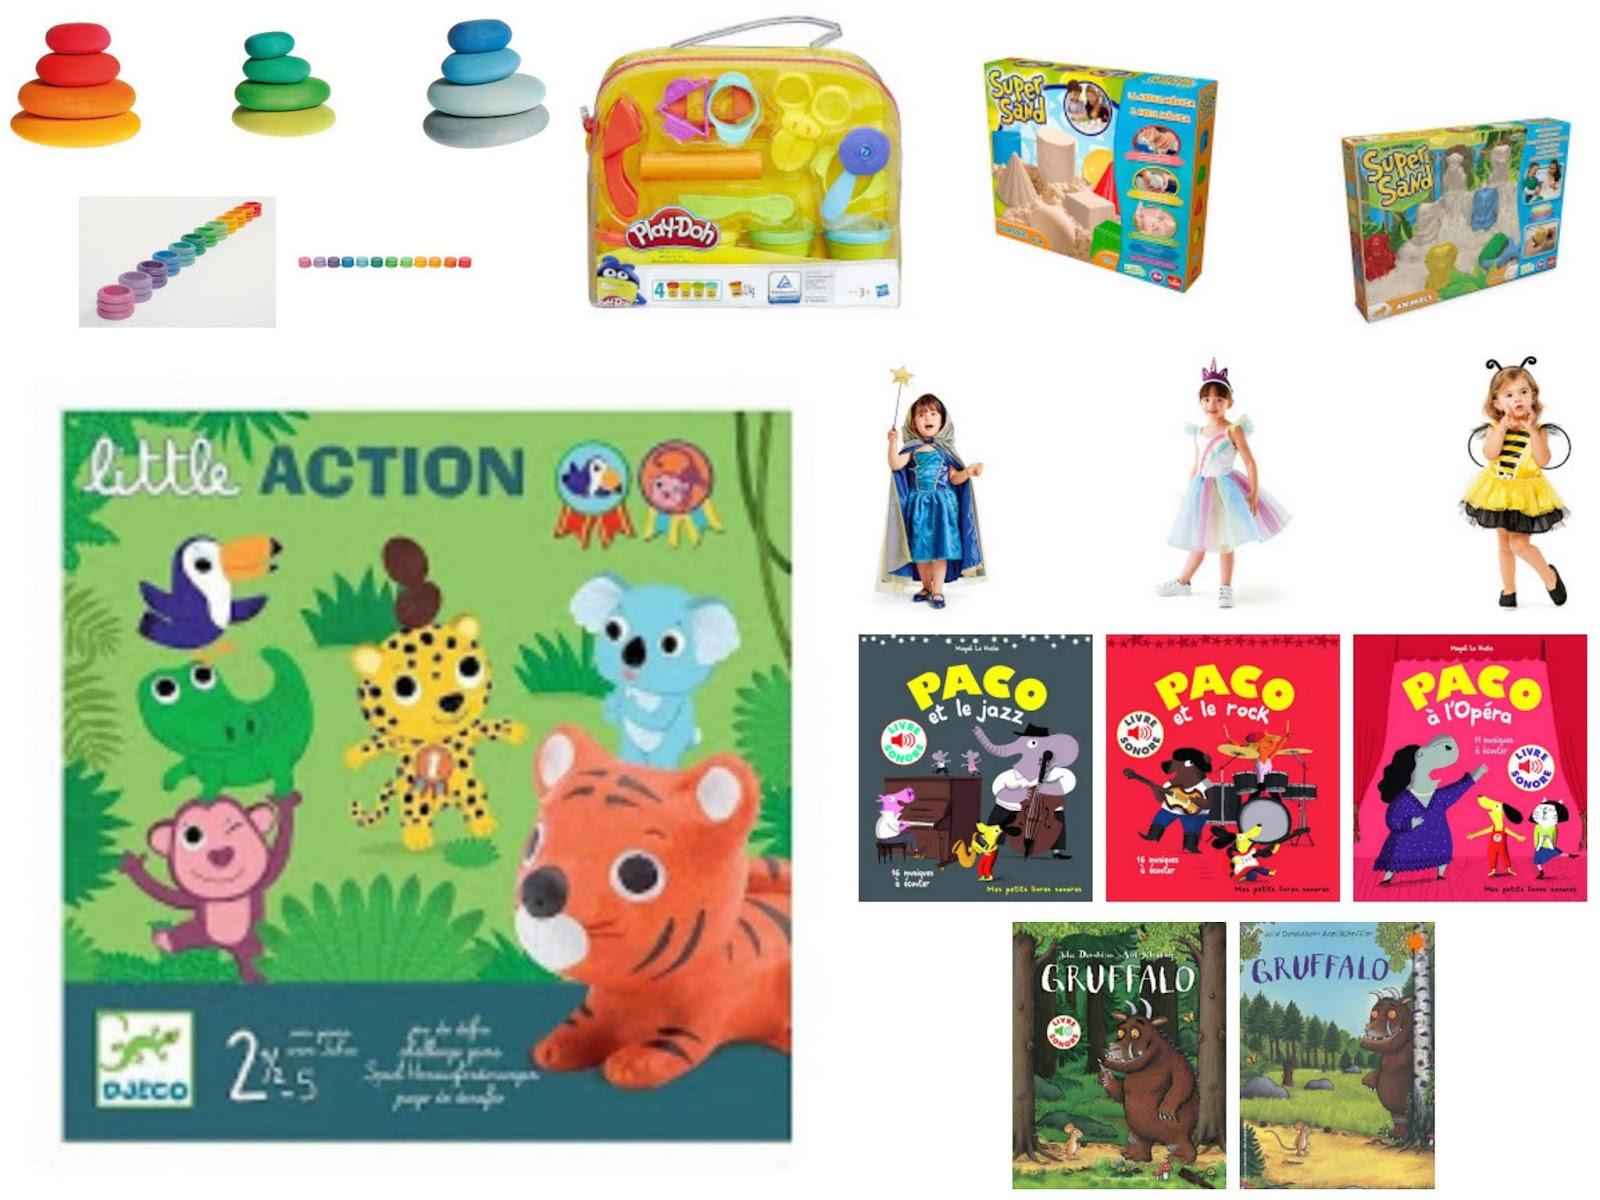 Cadeau Noel 3 Ans Maaademoiselle A.: || Idées cadeaux de Noël pour une petite fille